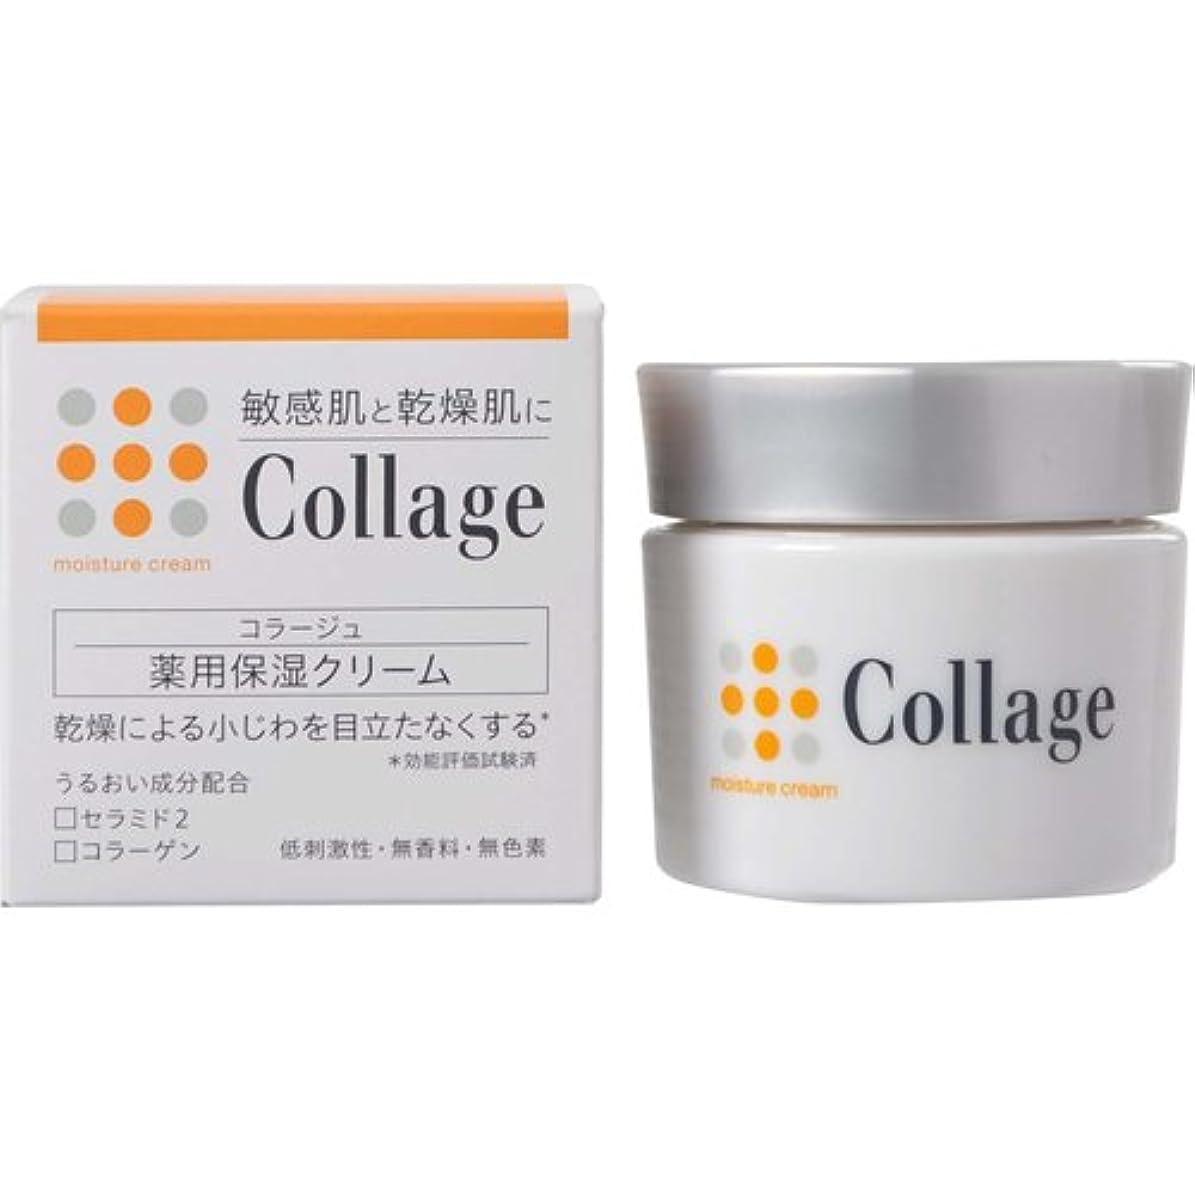 パズルウガンダ記念品コラージュ 薬用保湿クリーム 30g 【医薬部外品】